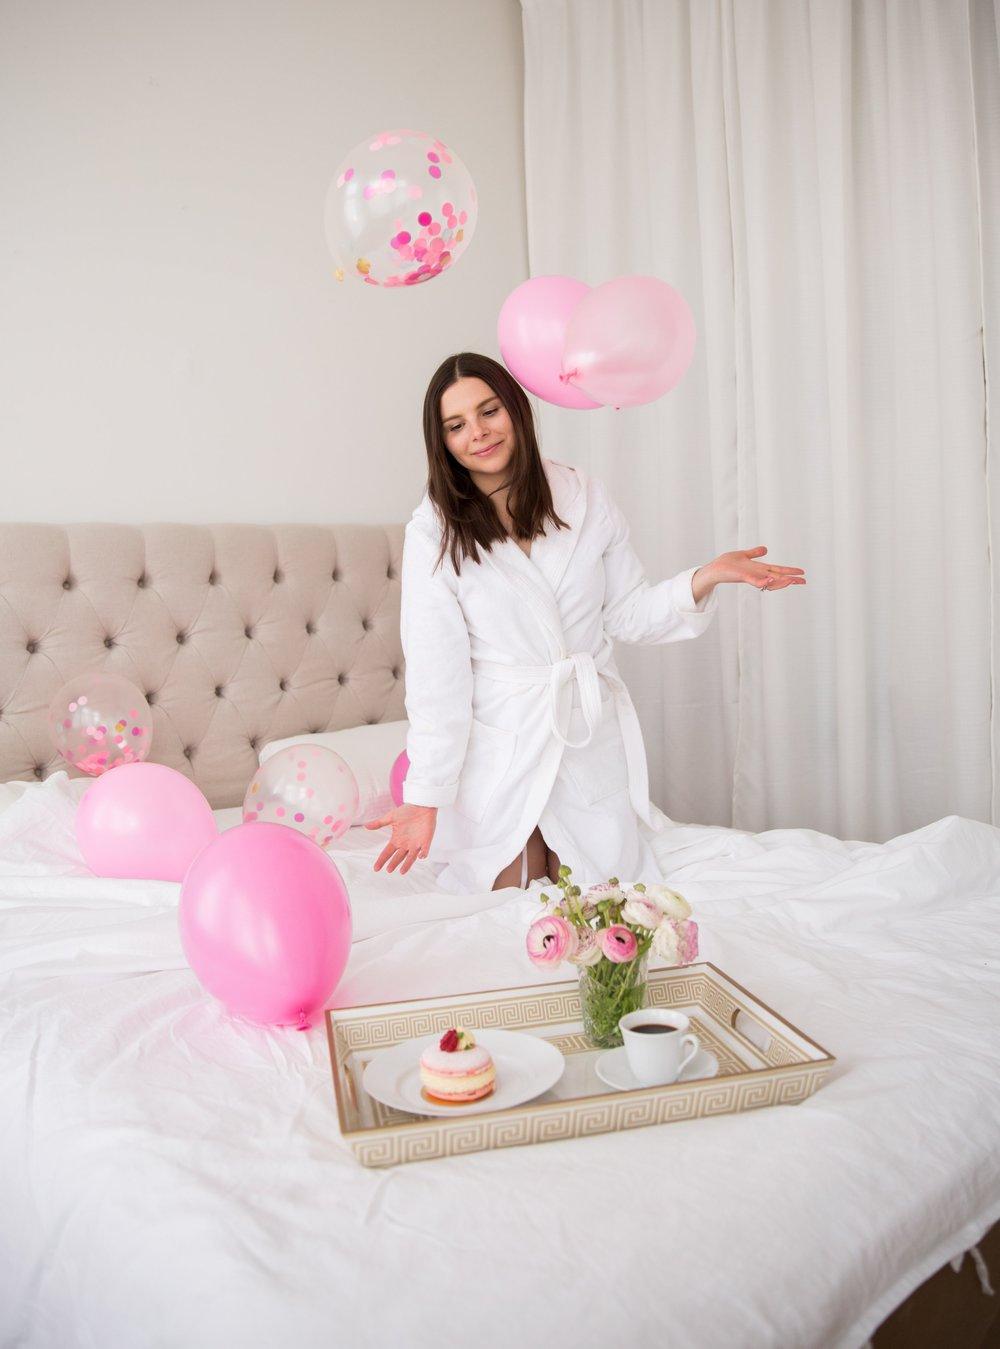 Angelica Aurell fodelsedag sovrum ballonger bricka bakelse.jpg